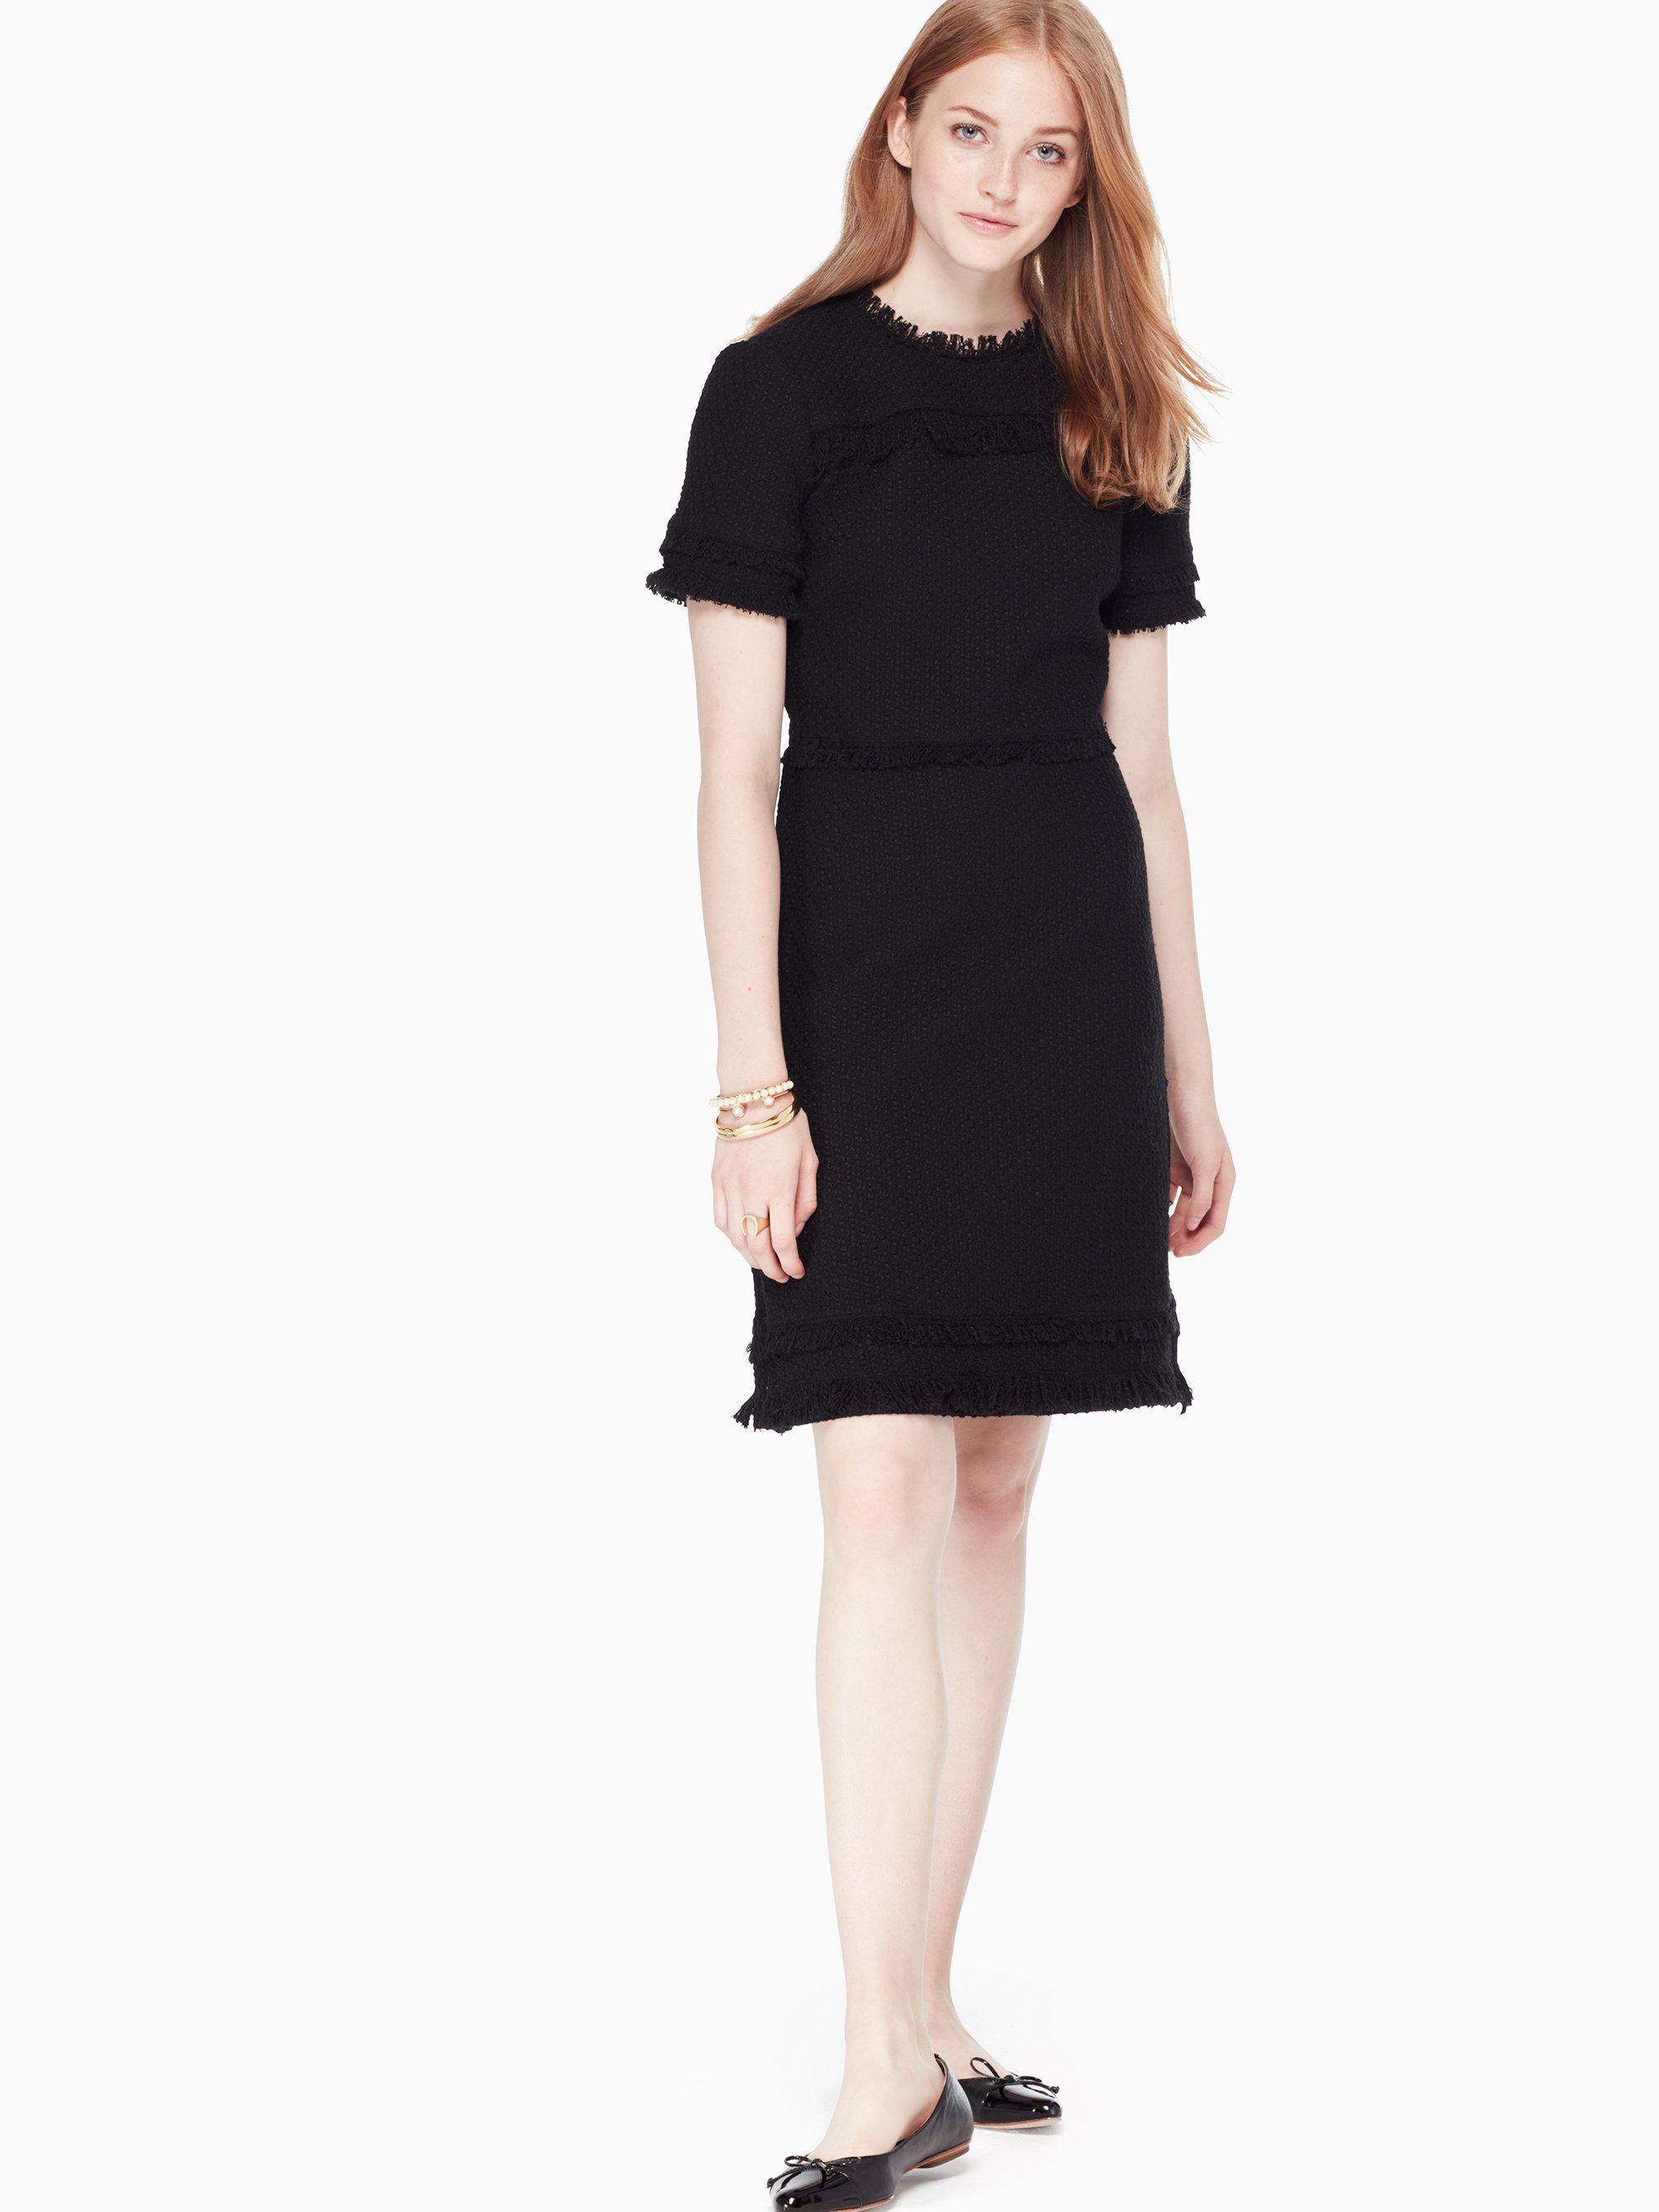 94992f0c06802 Kate Spade - Black Western Tweed Dress - Lyst. View fullscreen